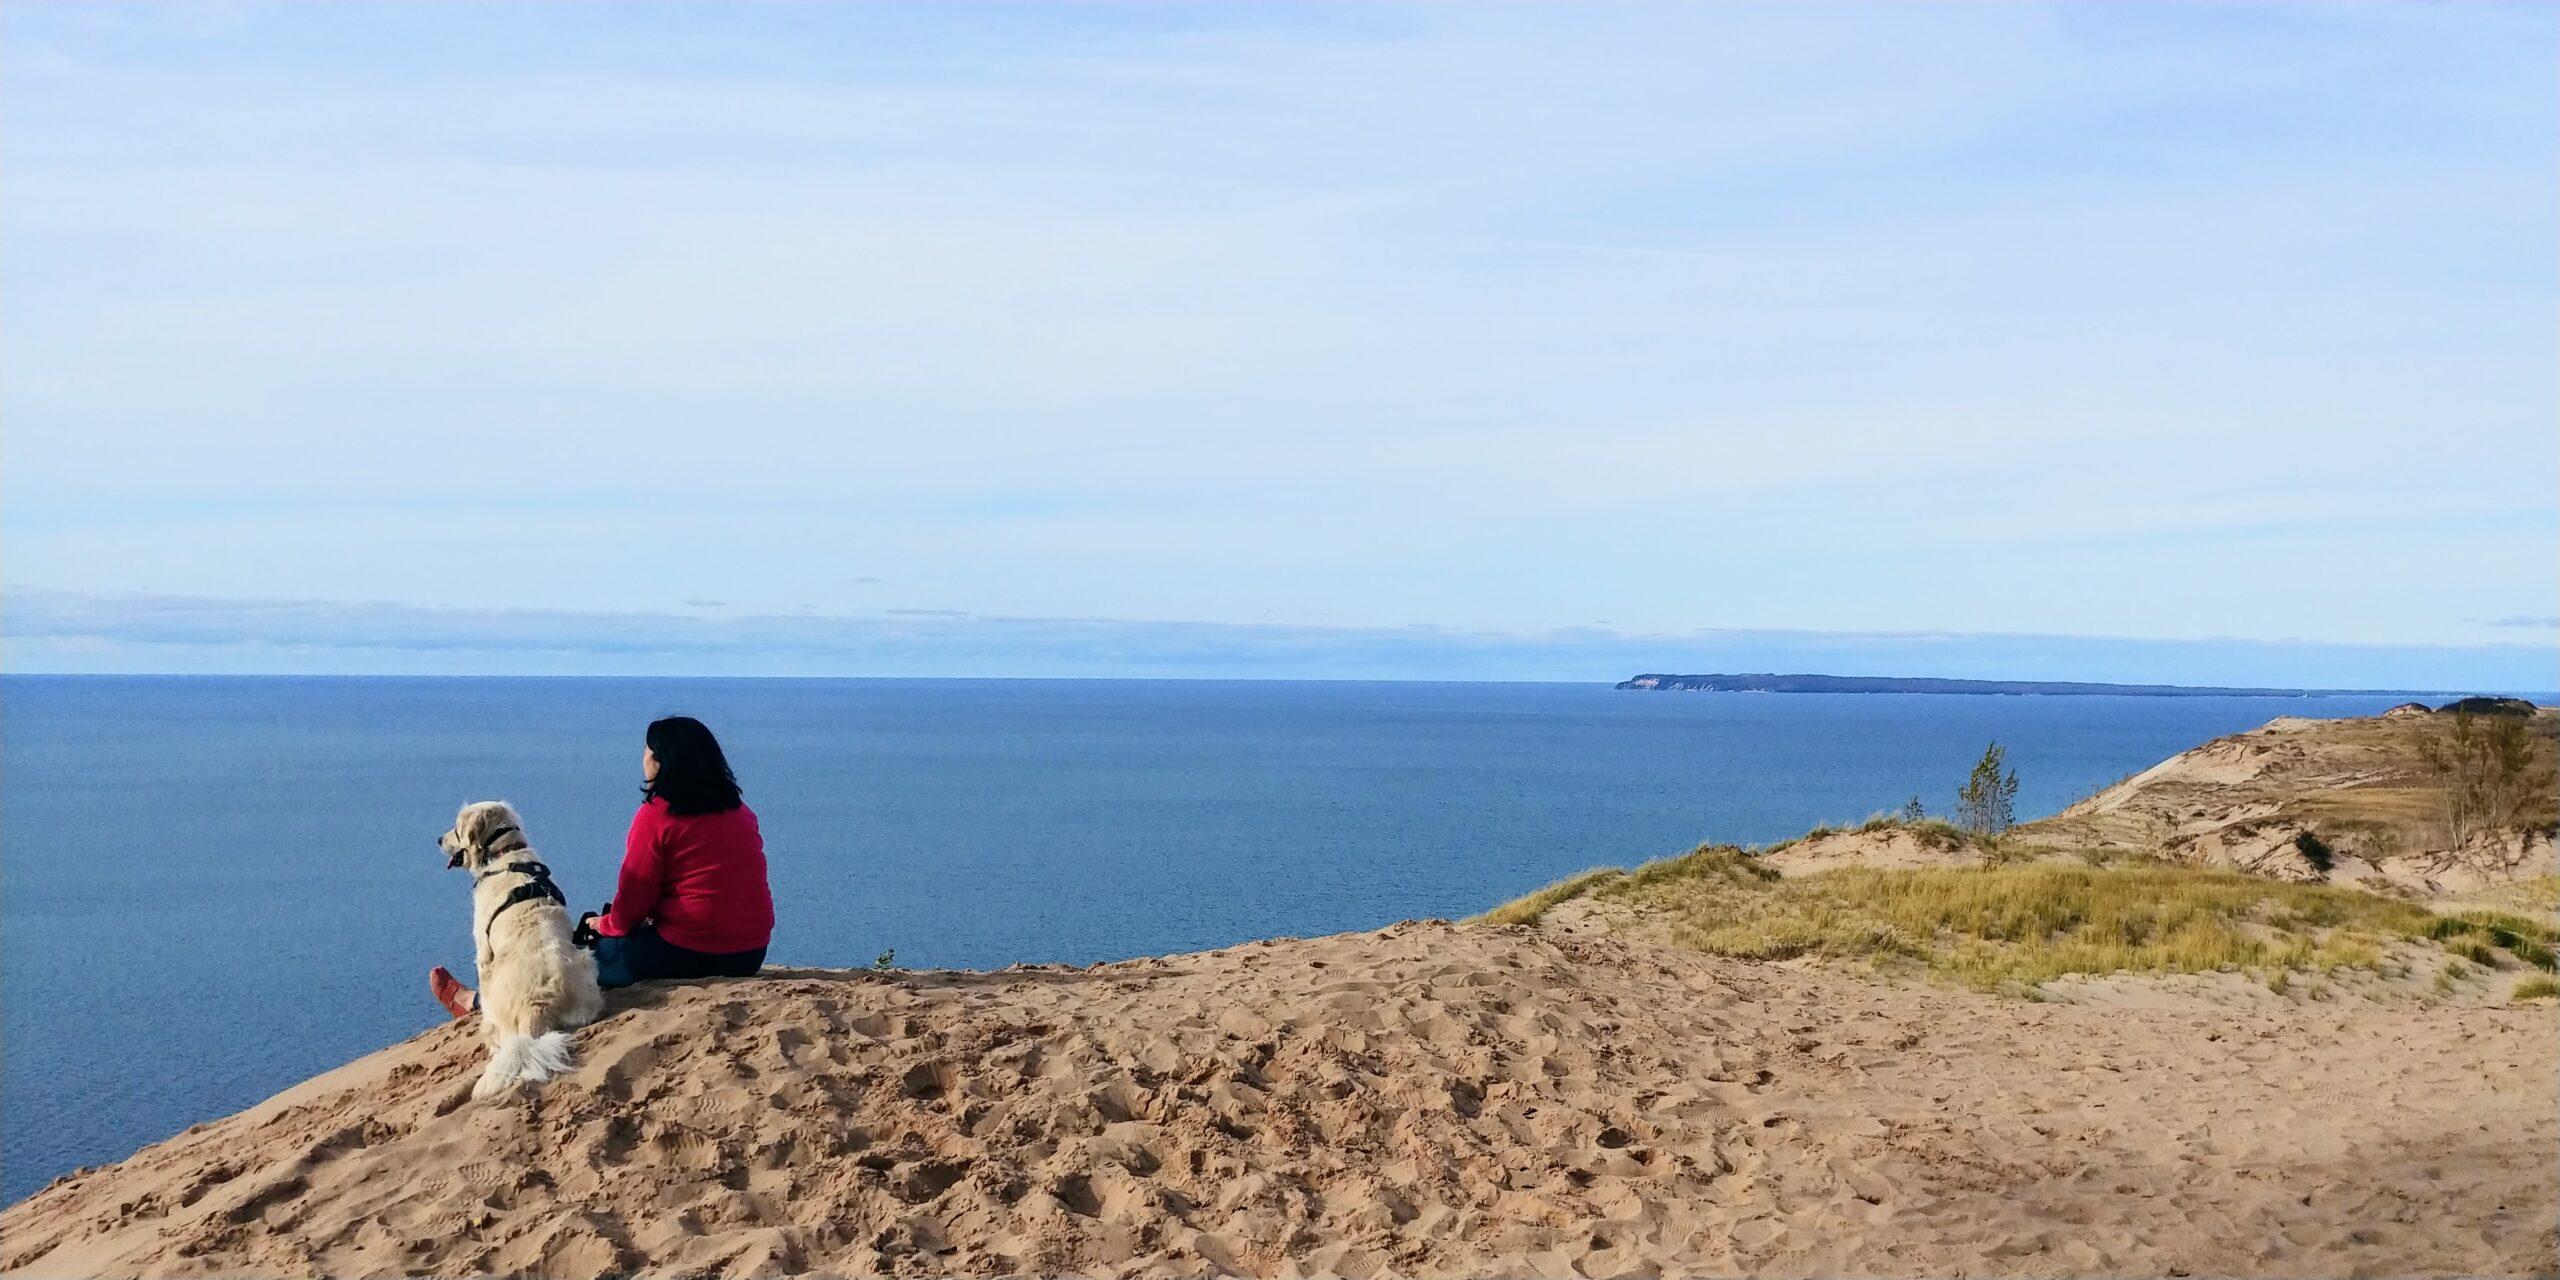 Woman and dog overlooking Lake Michigan at Sleeping Bear Dunes National Lakeshore